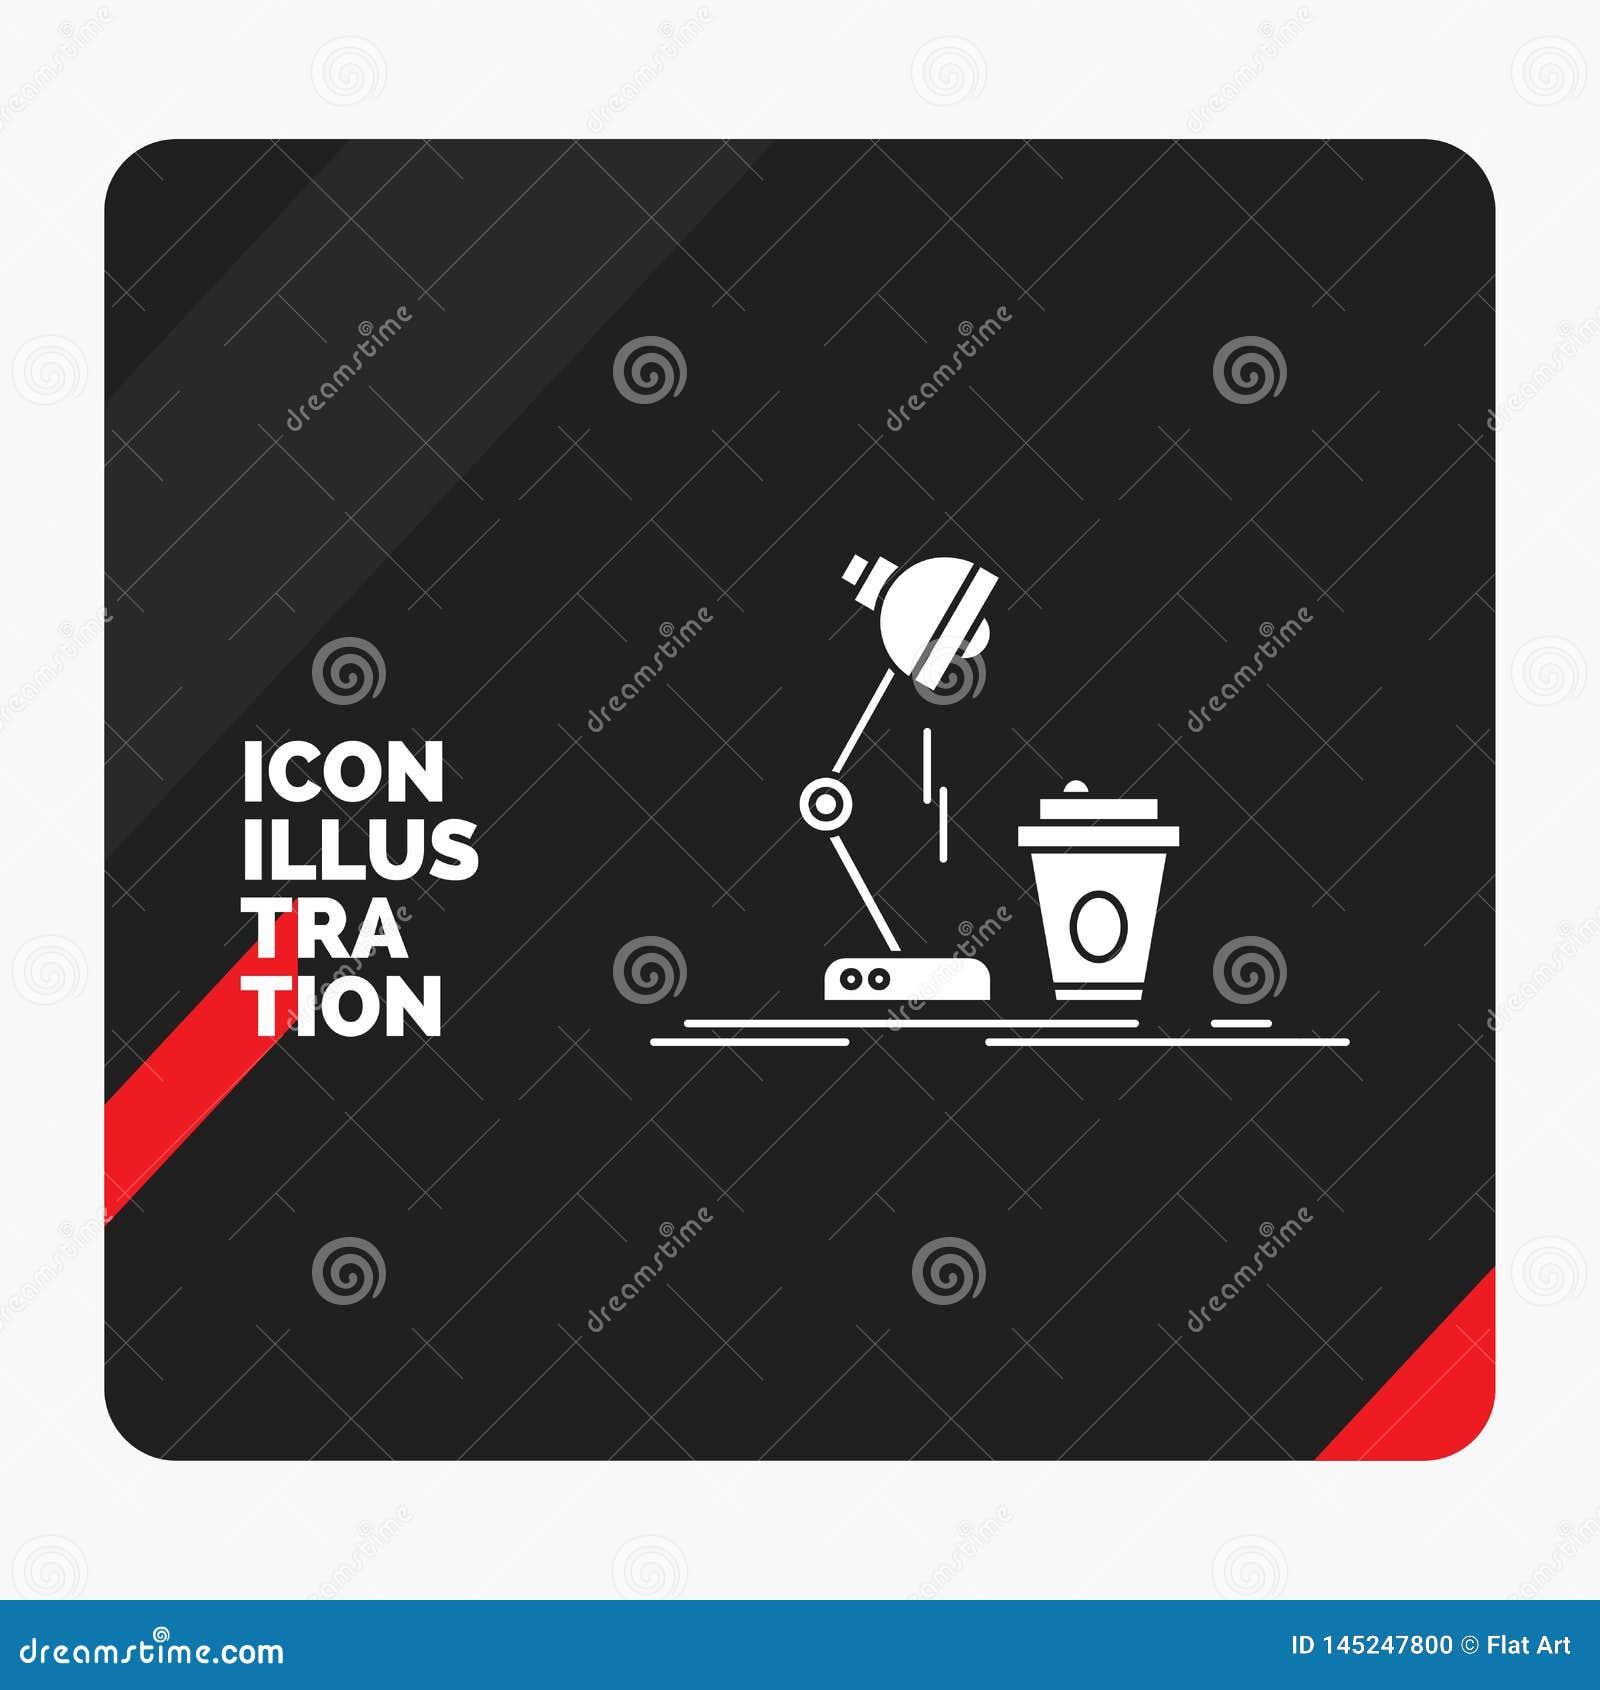 Röd och svart idérik presentationsbakgrund för studio, design, kaffe, lampa, prålig skårasymbol